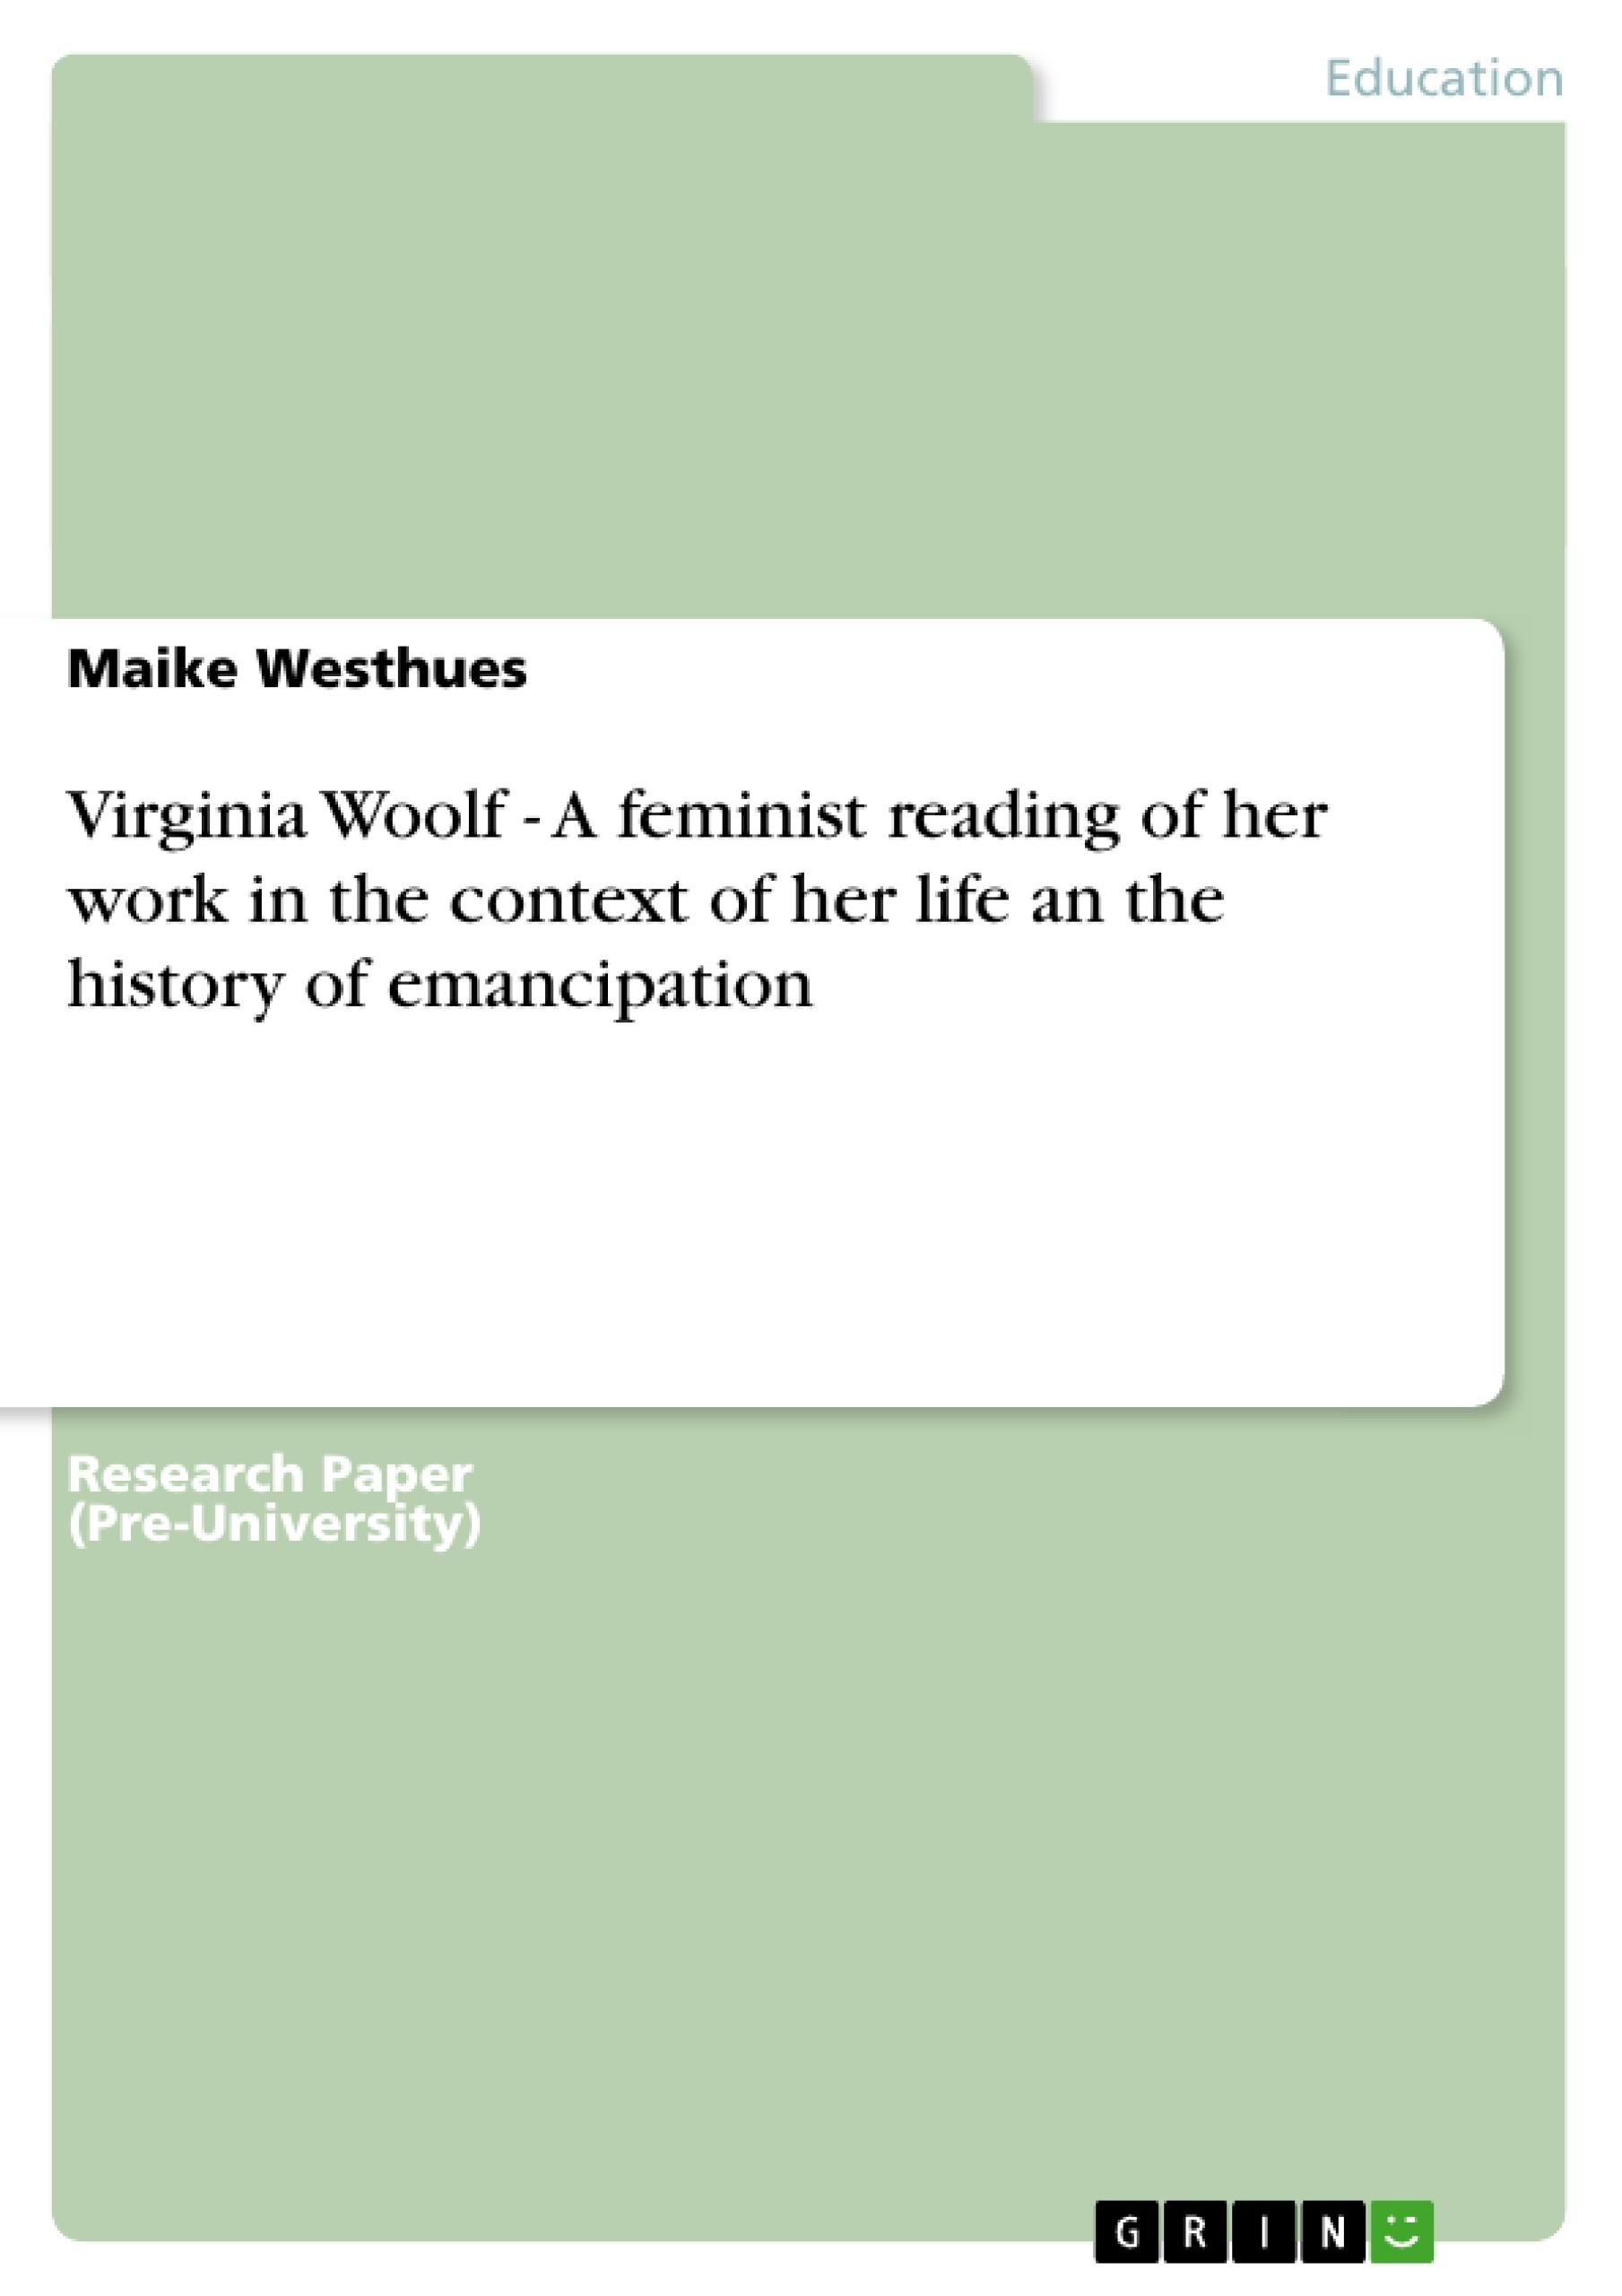 Virginia woolf thesis